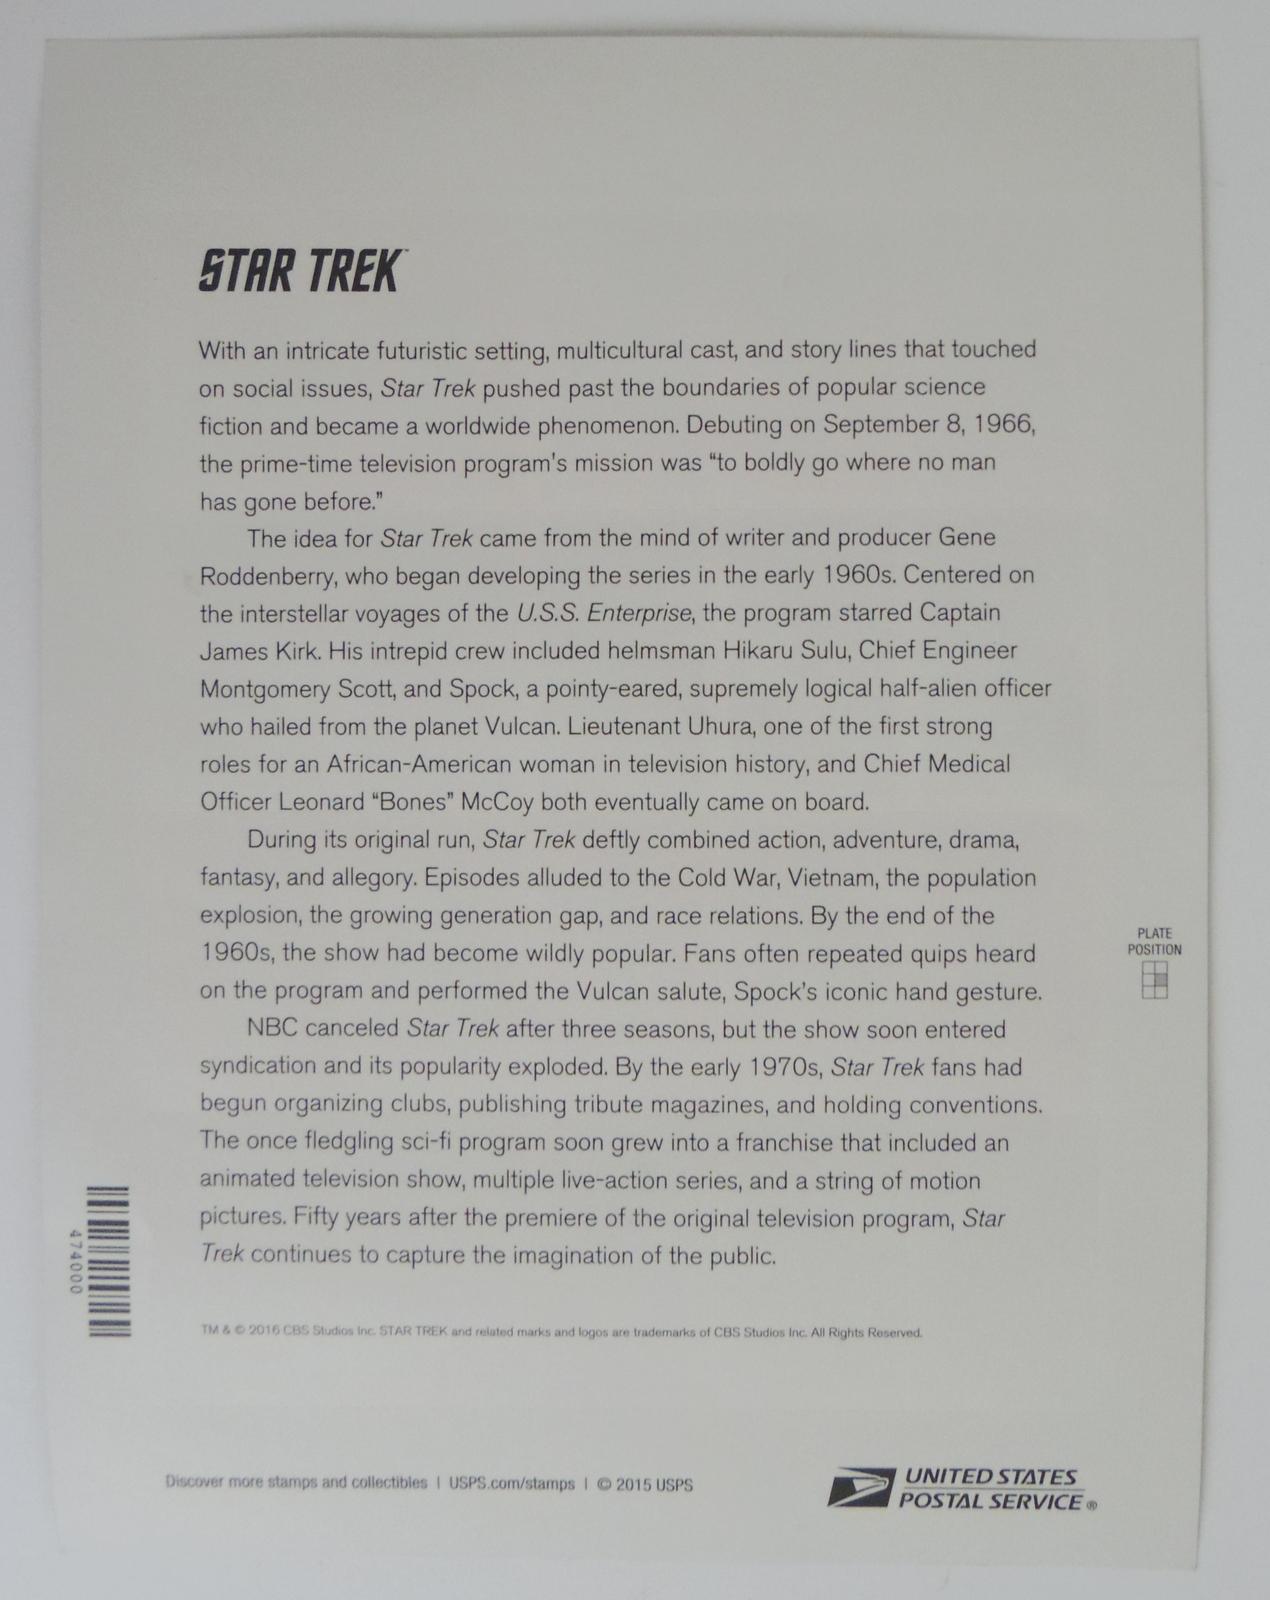 2016 Star Trek USPS Post Office Forever Stamps